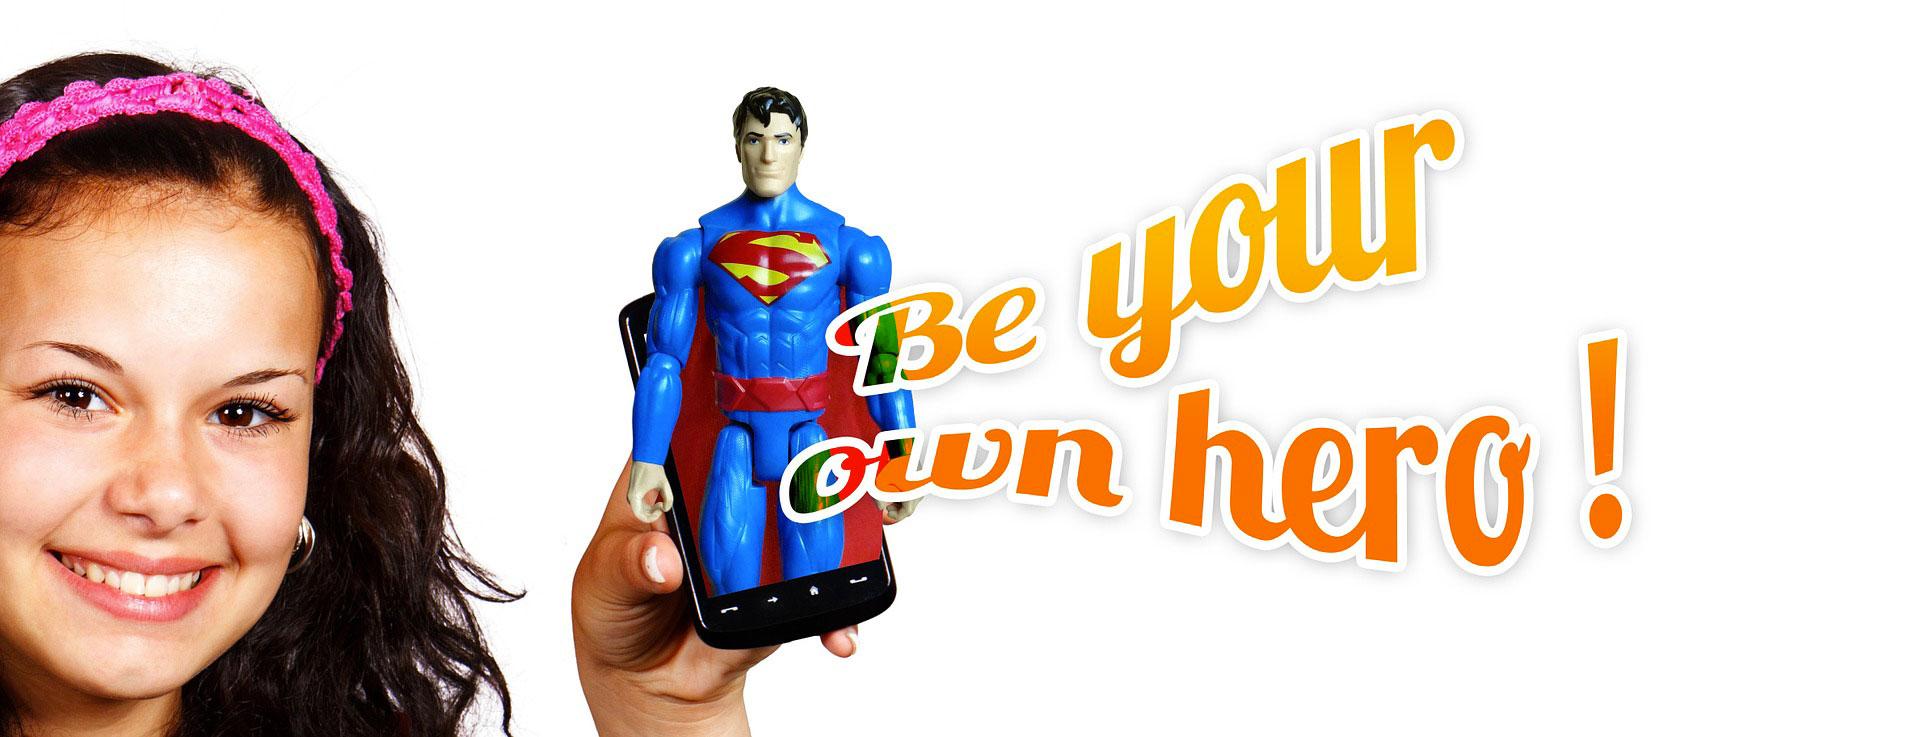 Essere il tuo eroe - www.pergiove.it